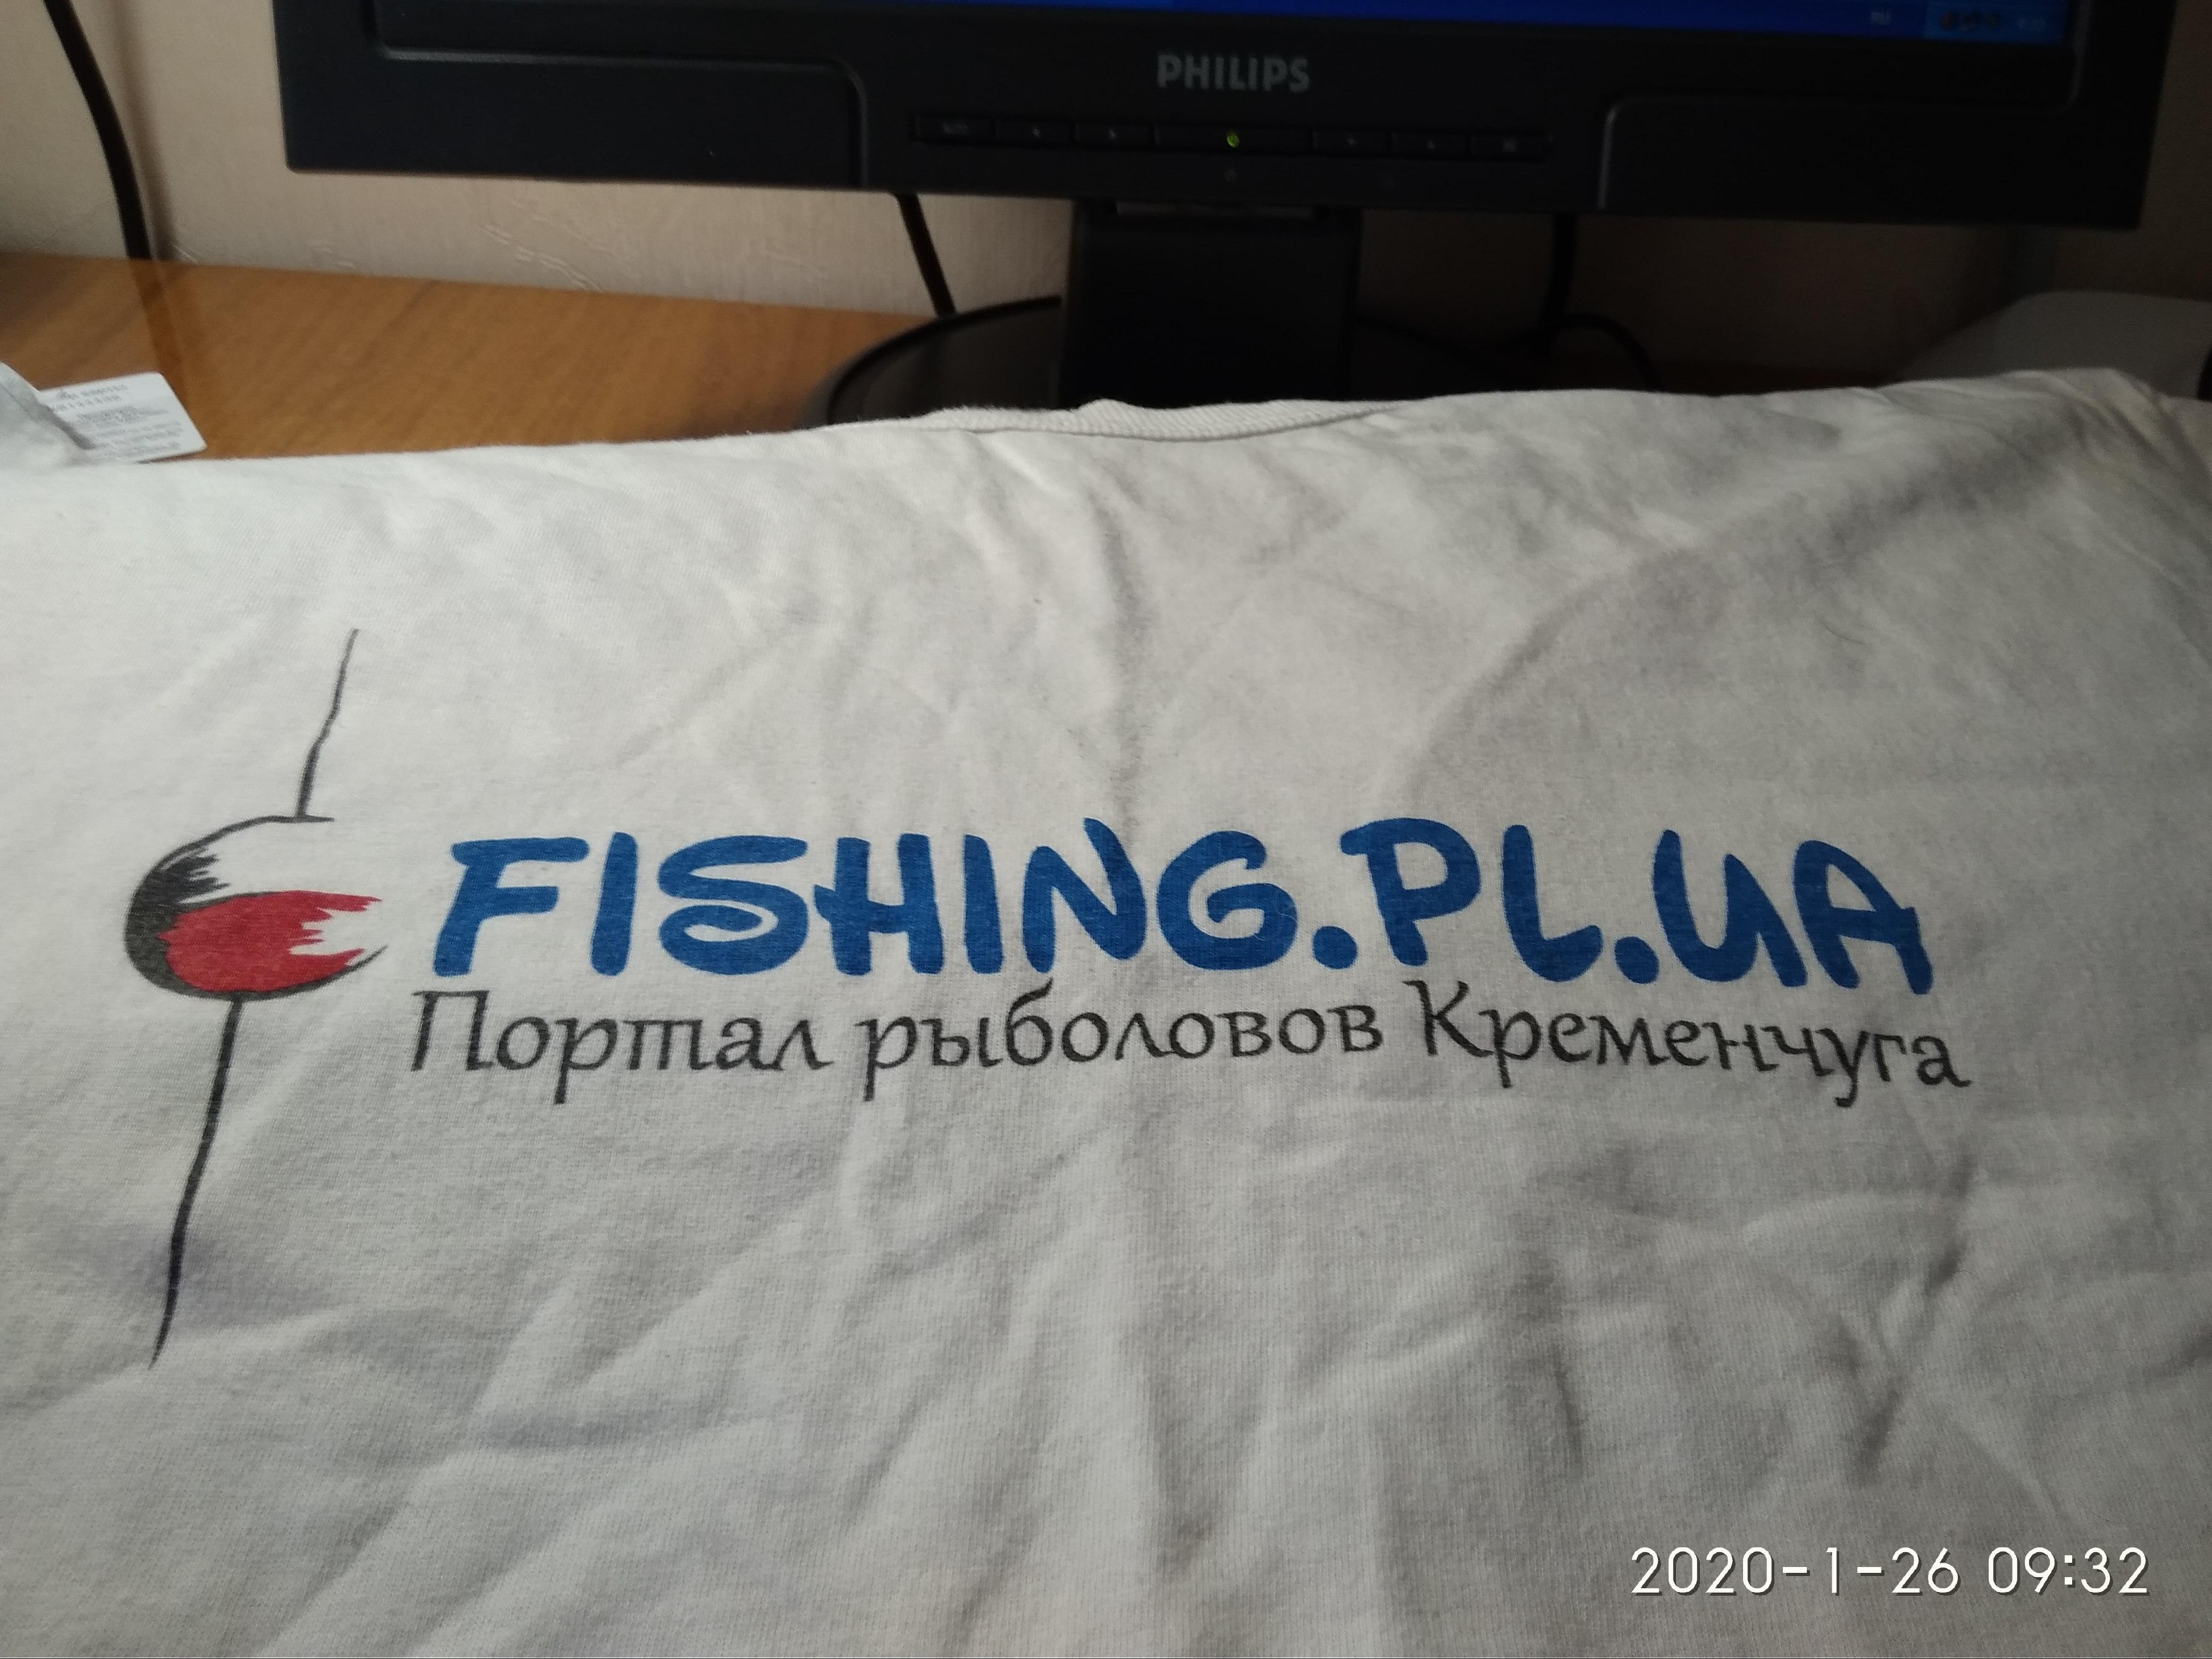 Fishing.PL.UA